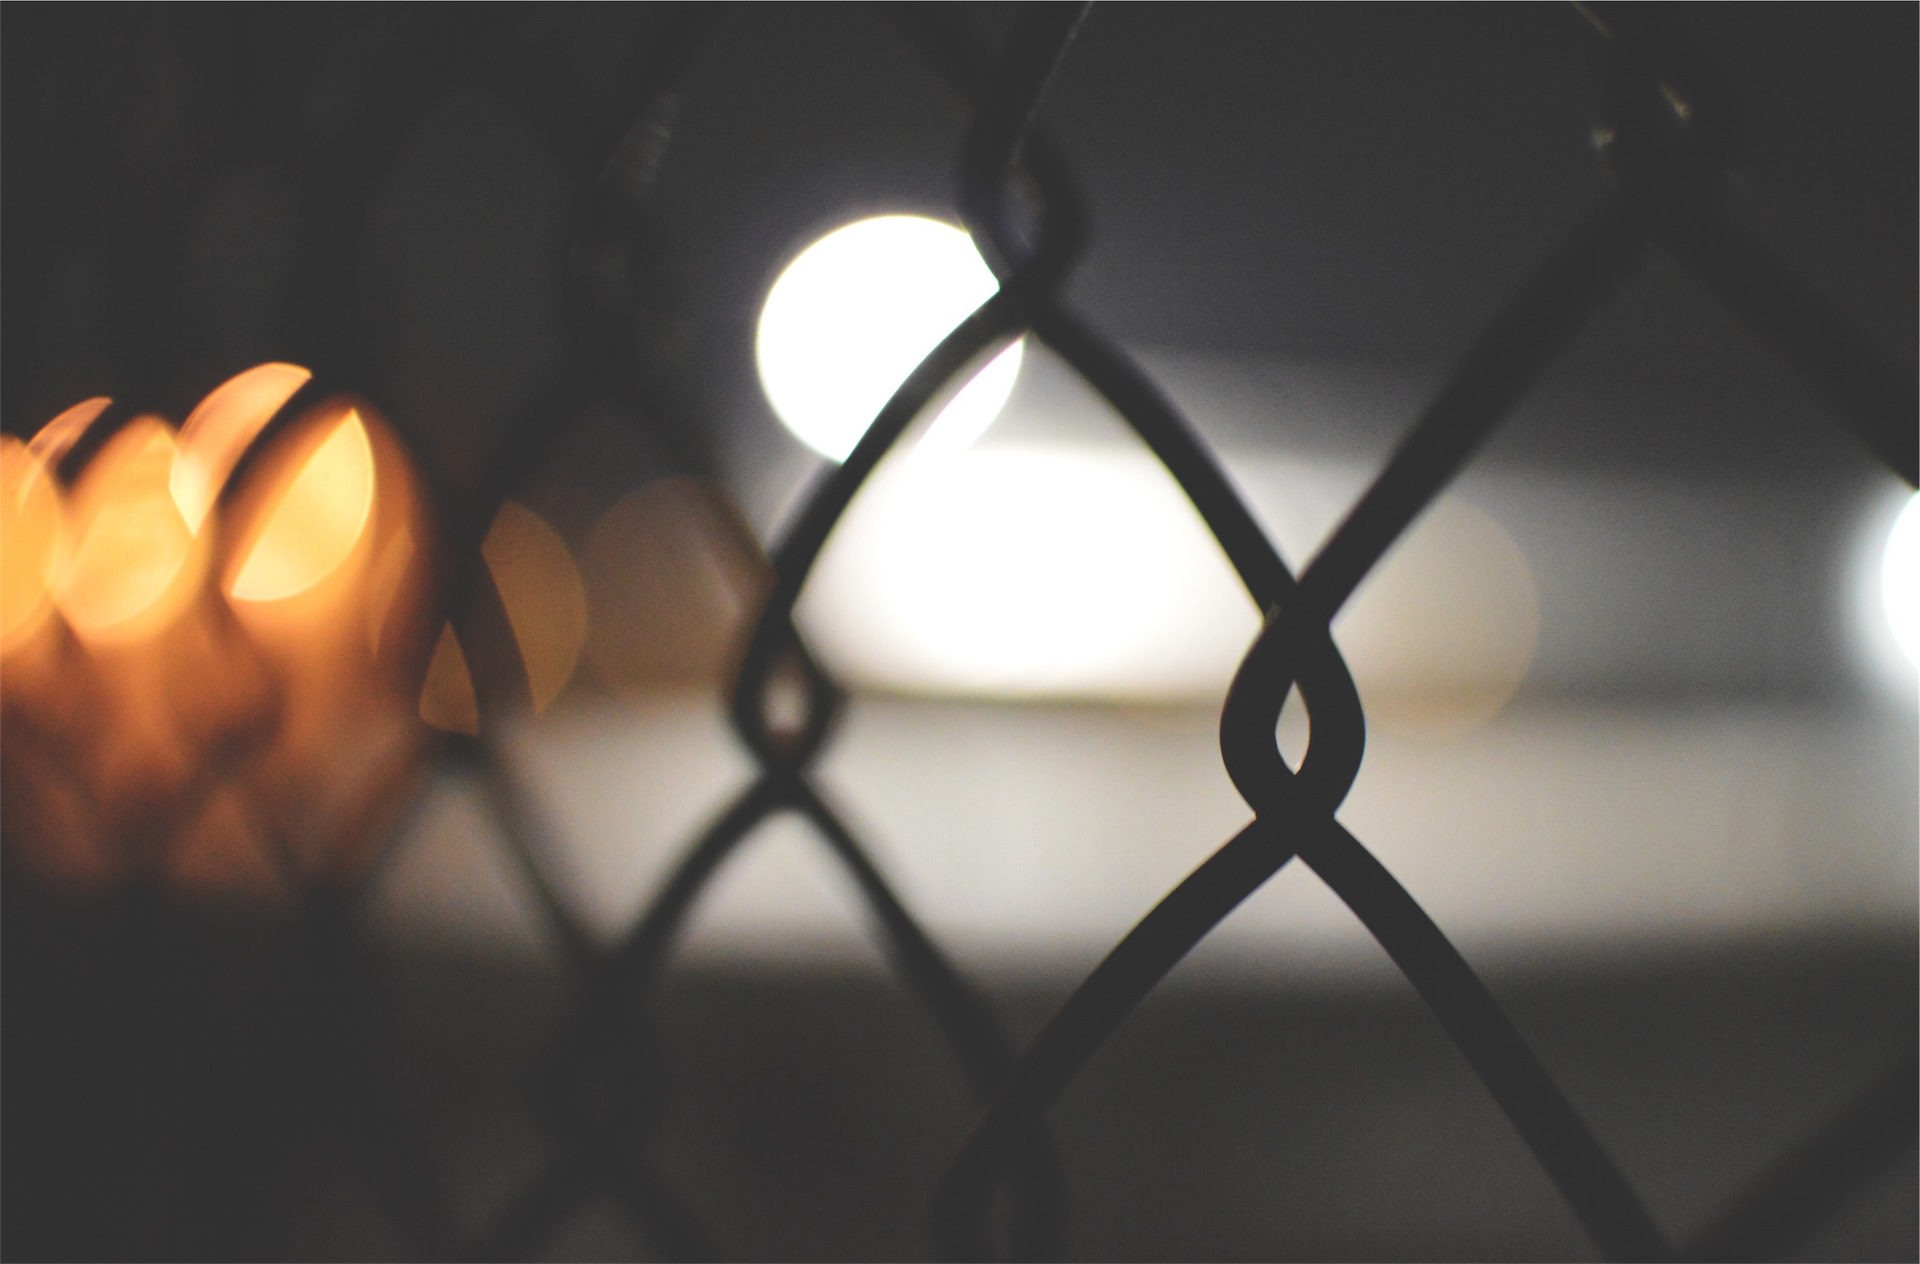 栅栏, 有线, 金属, 灯, 模糊 - 高清壁纸 - 教授-falken.com